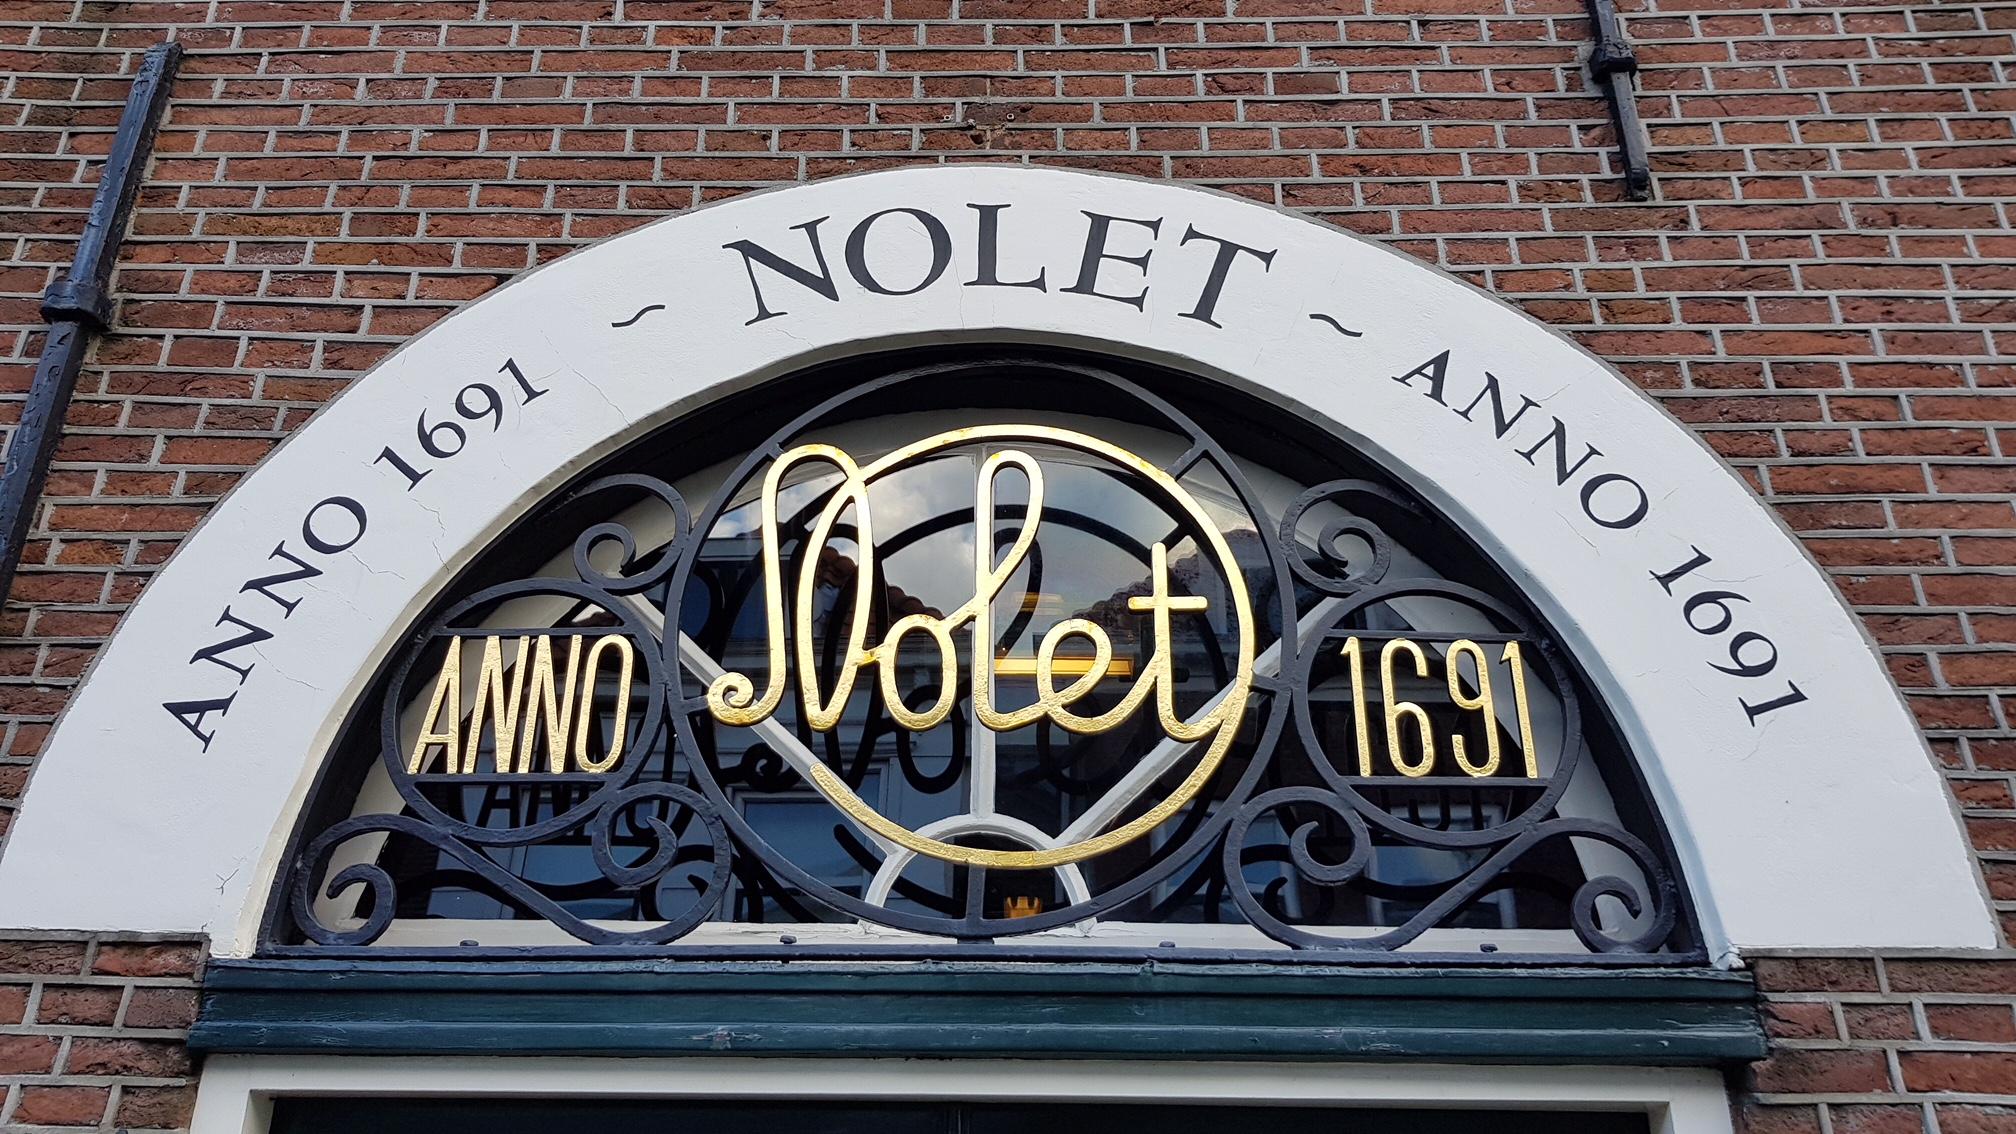 Hoe Nolet met een goed verhaal de wereld veroverde